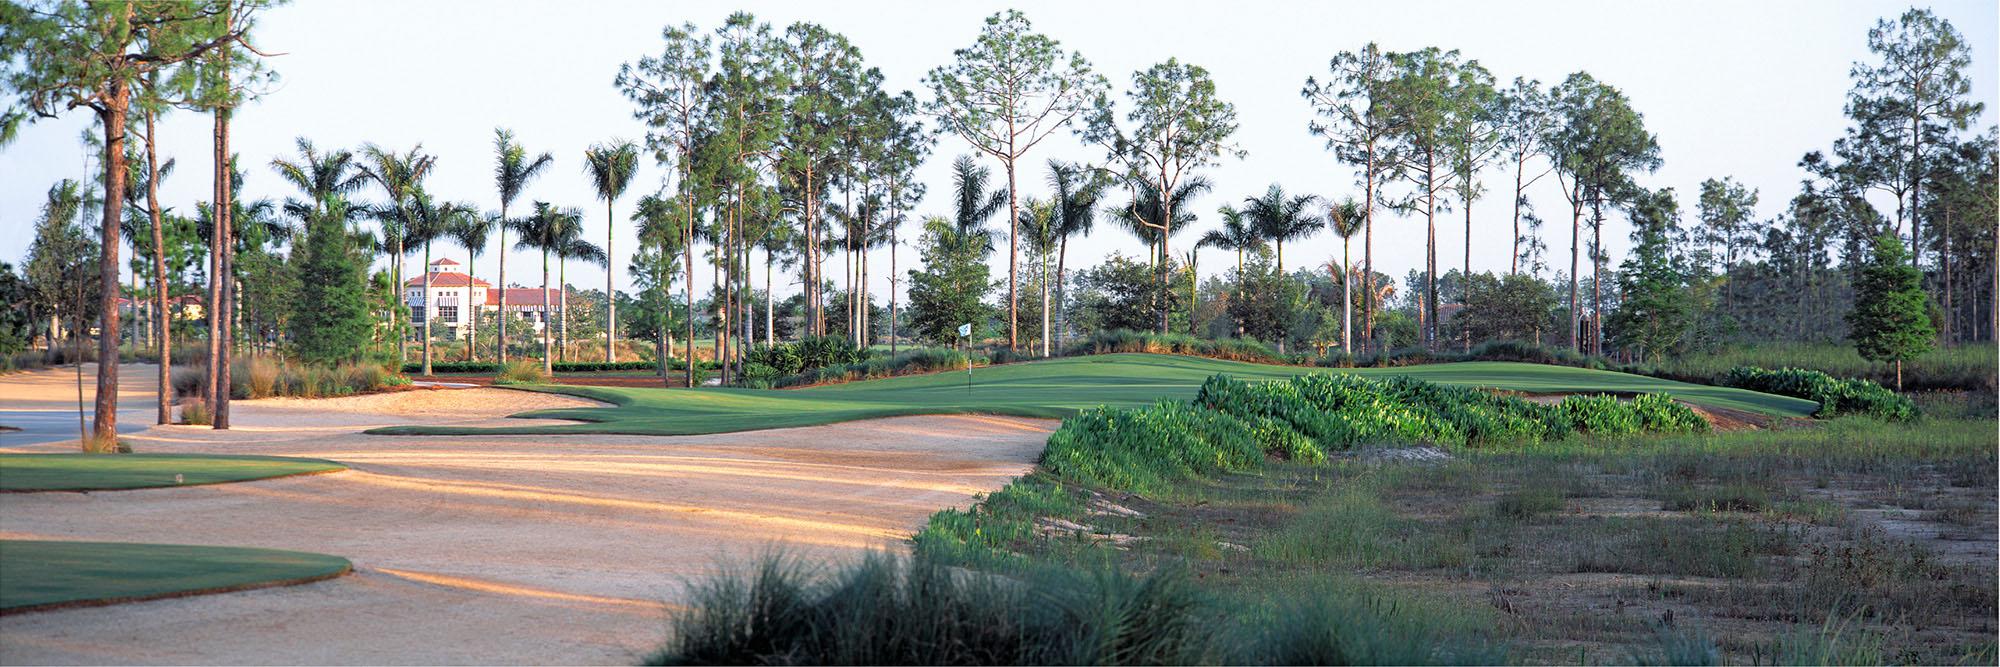 Golf Course Image - Tiburon Gold Course No. 8